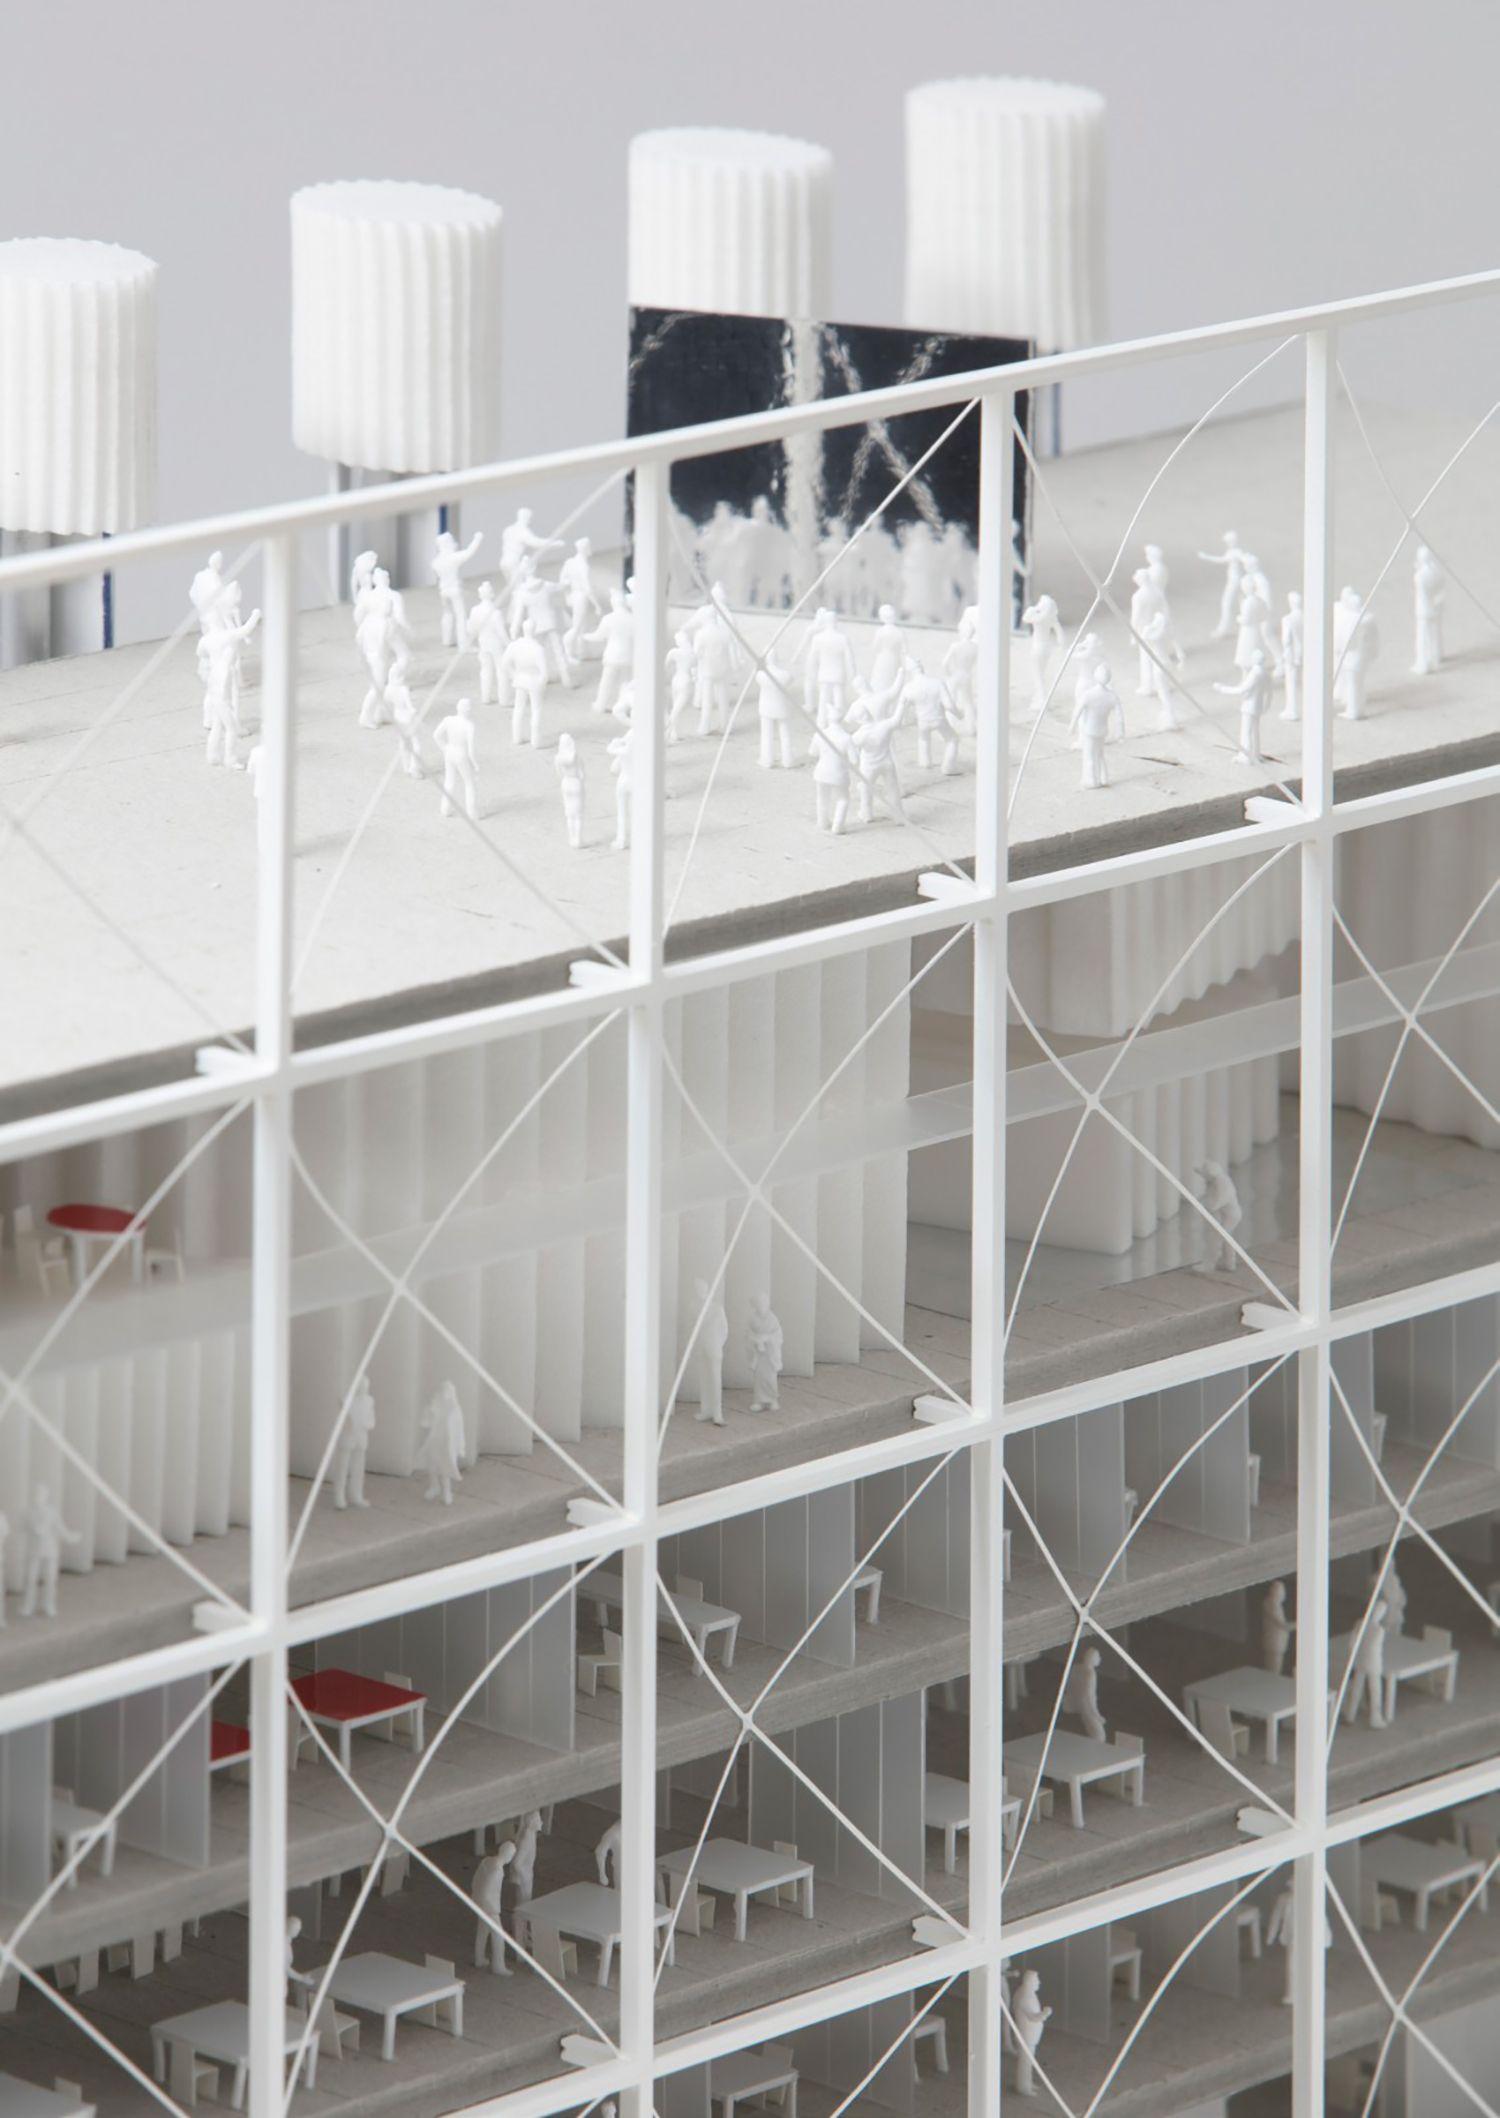 Maison Des Medias Baukunst Bruther Atlas Of Places Bruther Architecture Maison Amenagement Urbain